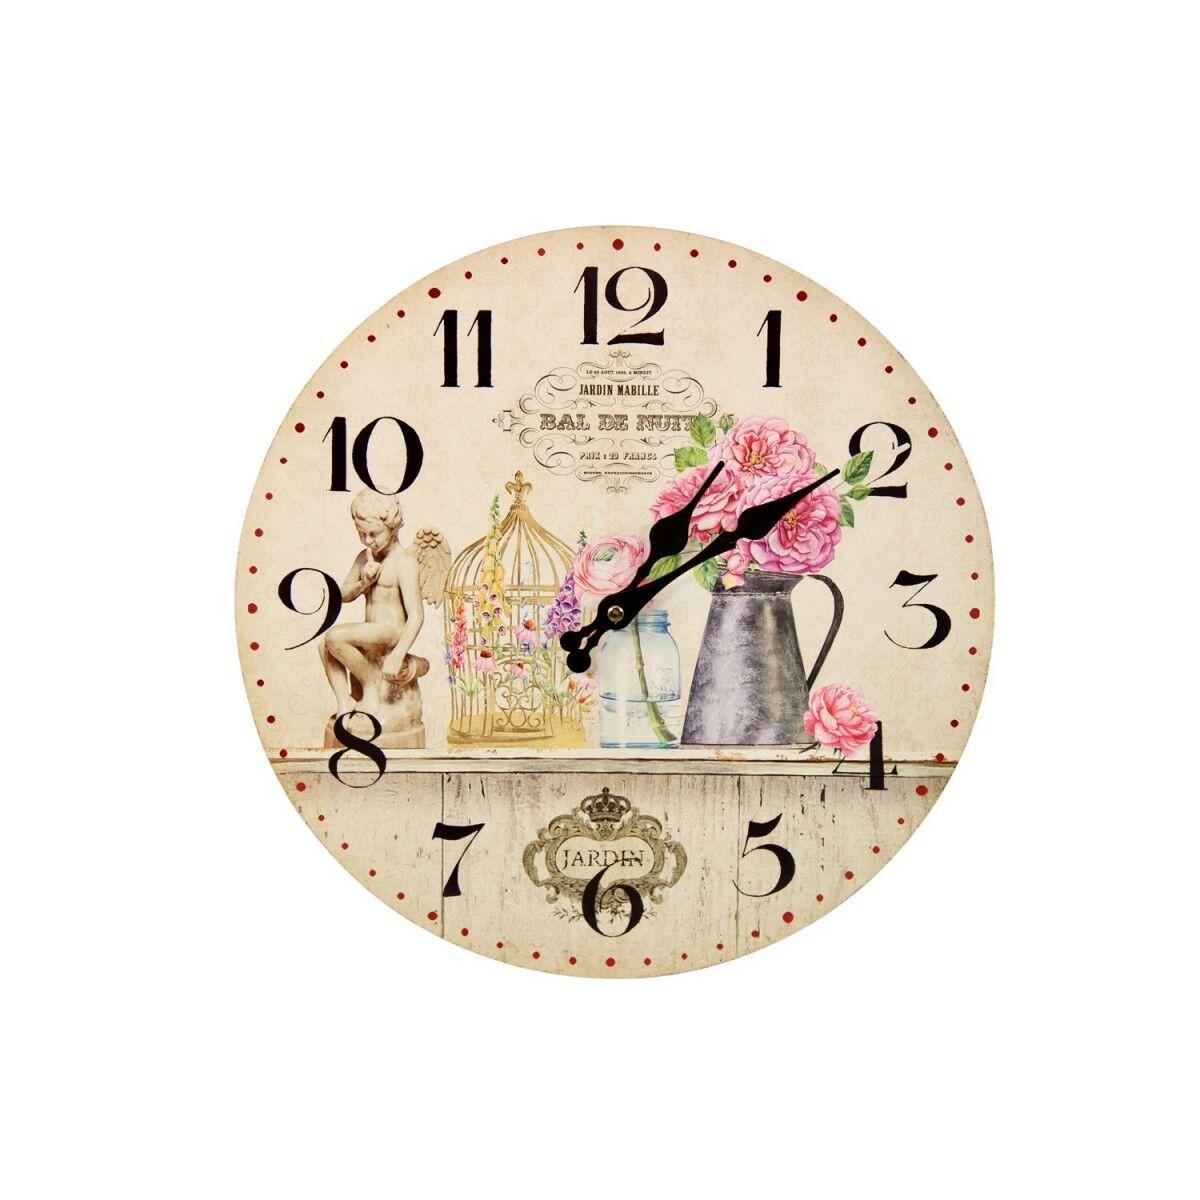 Décoration d'Autrefois Horloge Ancienne Murale Vase Rose 34cm - Bois - Blanc